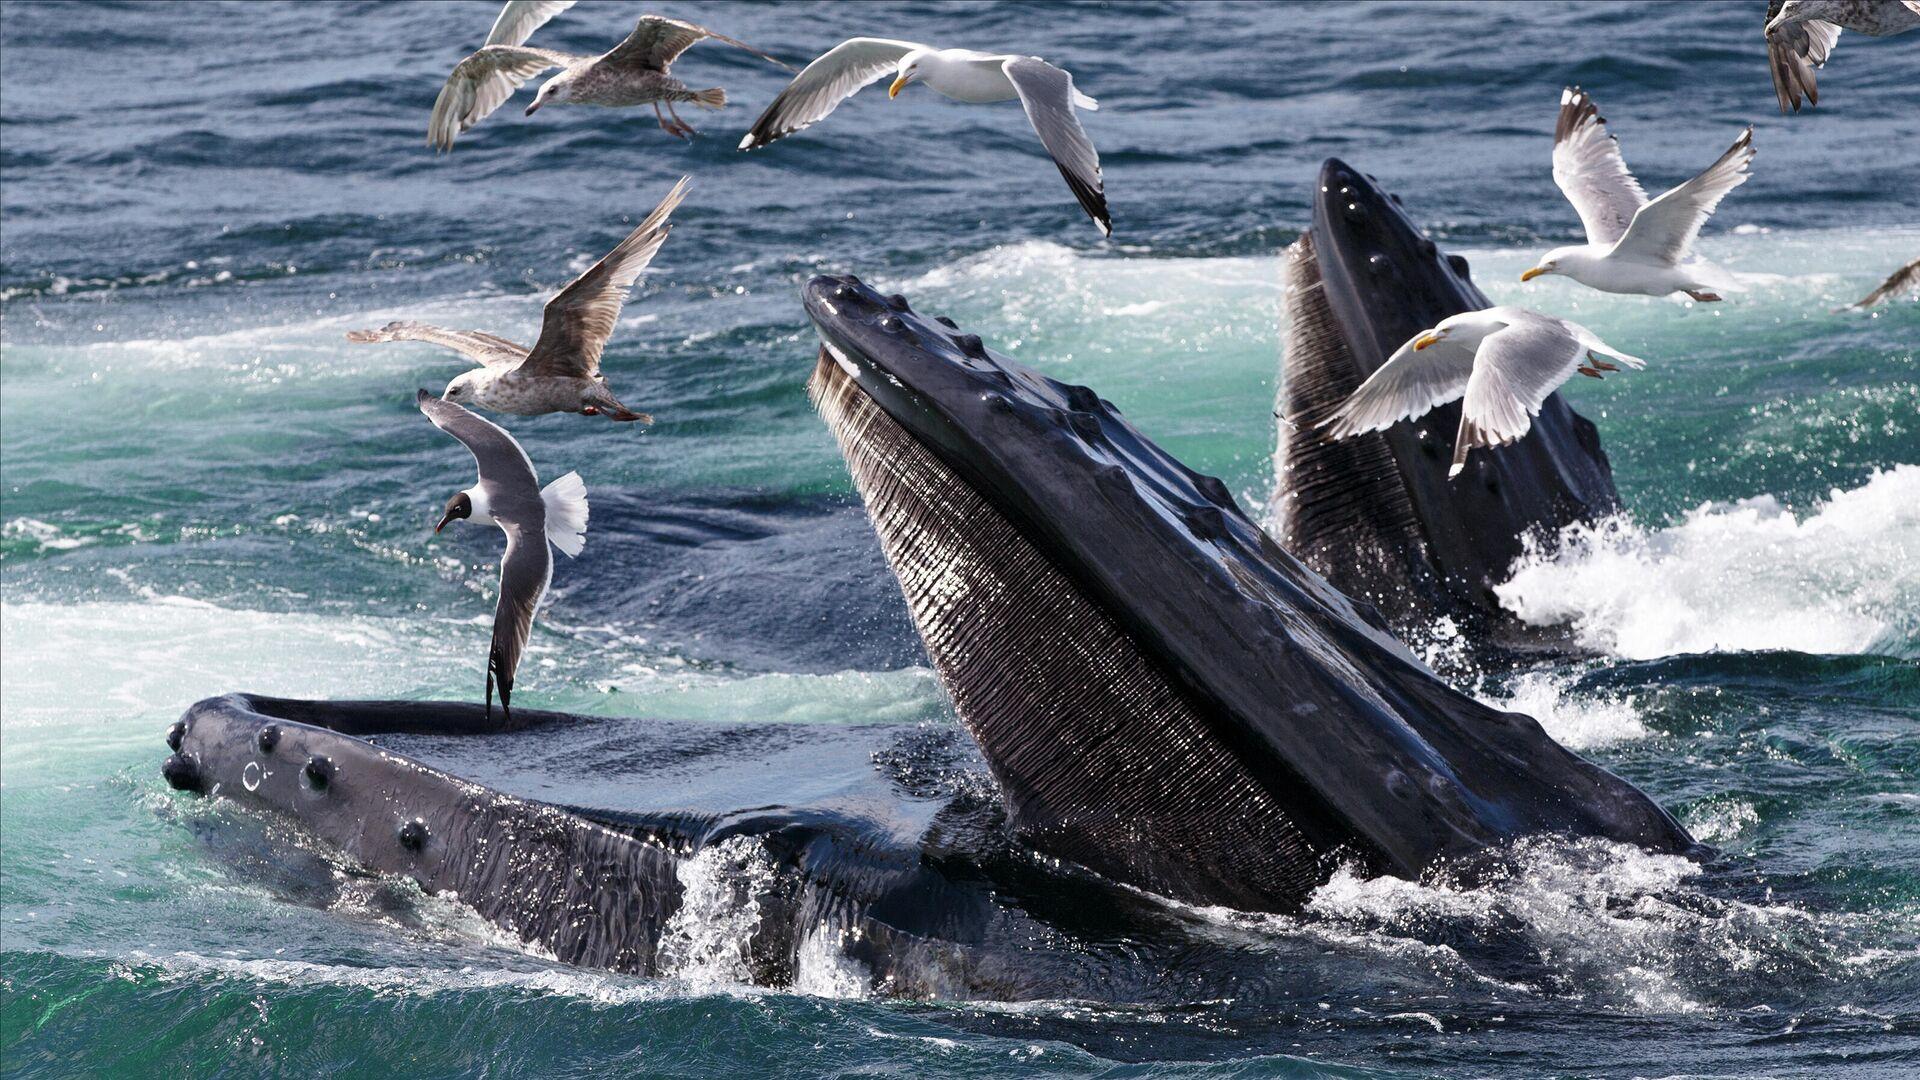 Горбатые киты кормятся на территории морского заповедника Stellwagen Bank около мыса Кейп-Код, недалеко от Провинстауна, штат Массачусетс - РИА Новости, 1920, 12.06.2021